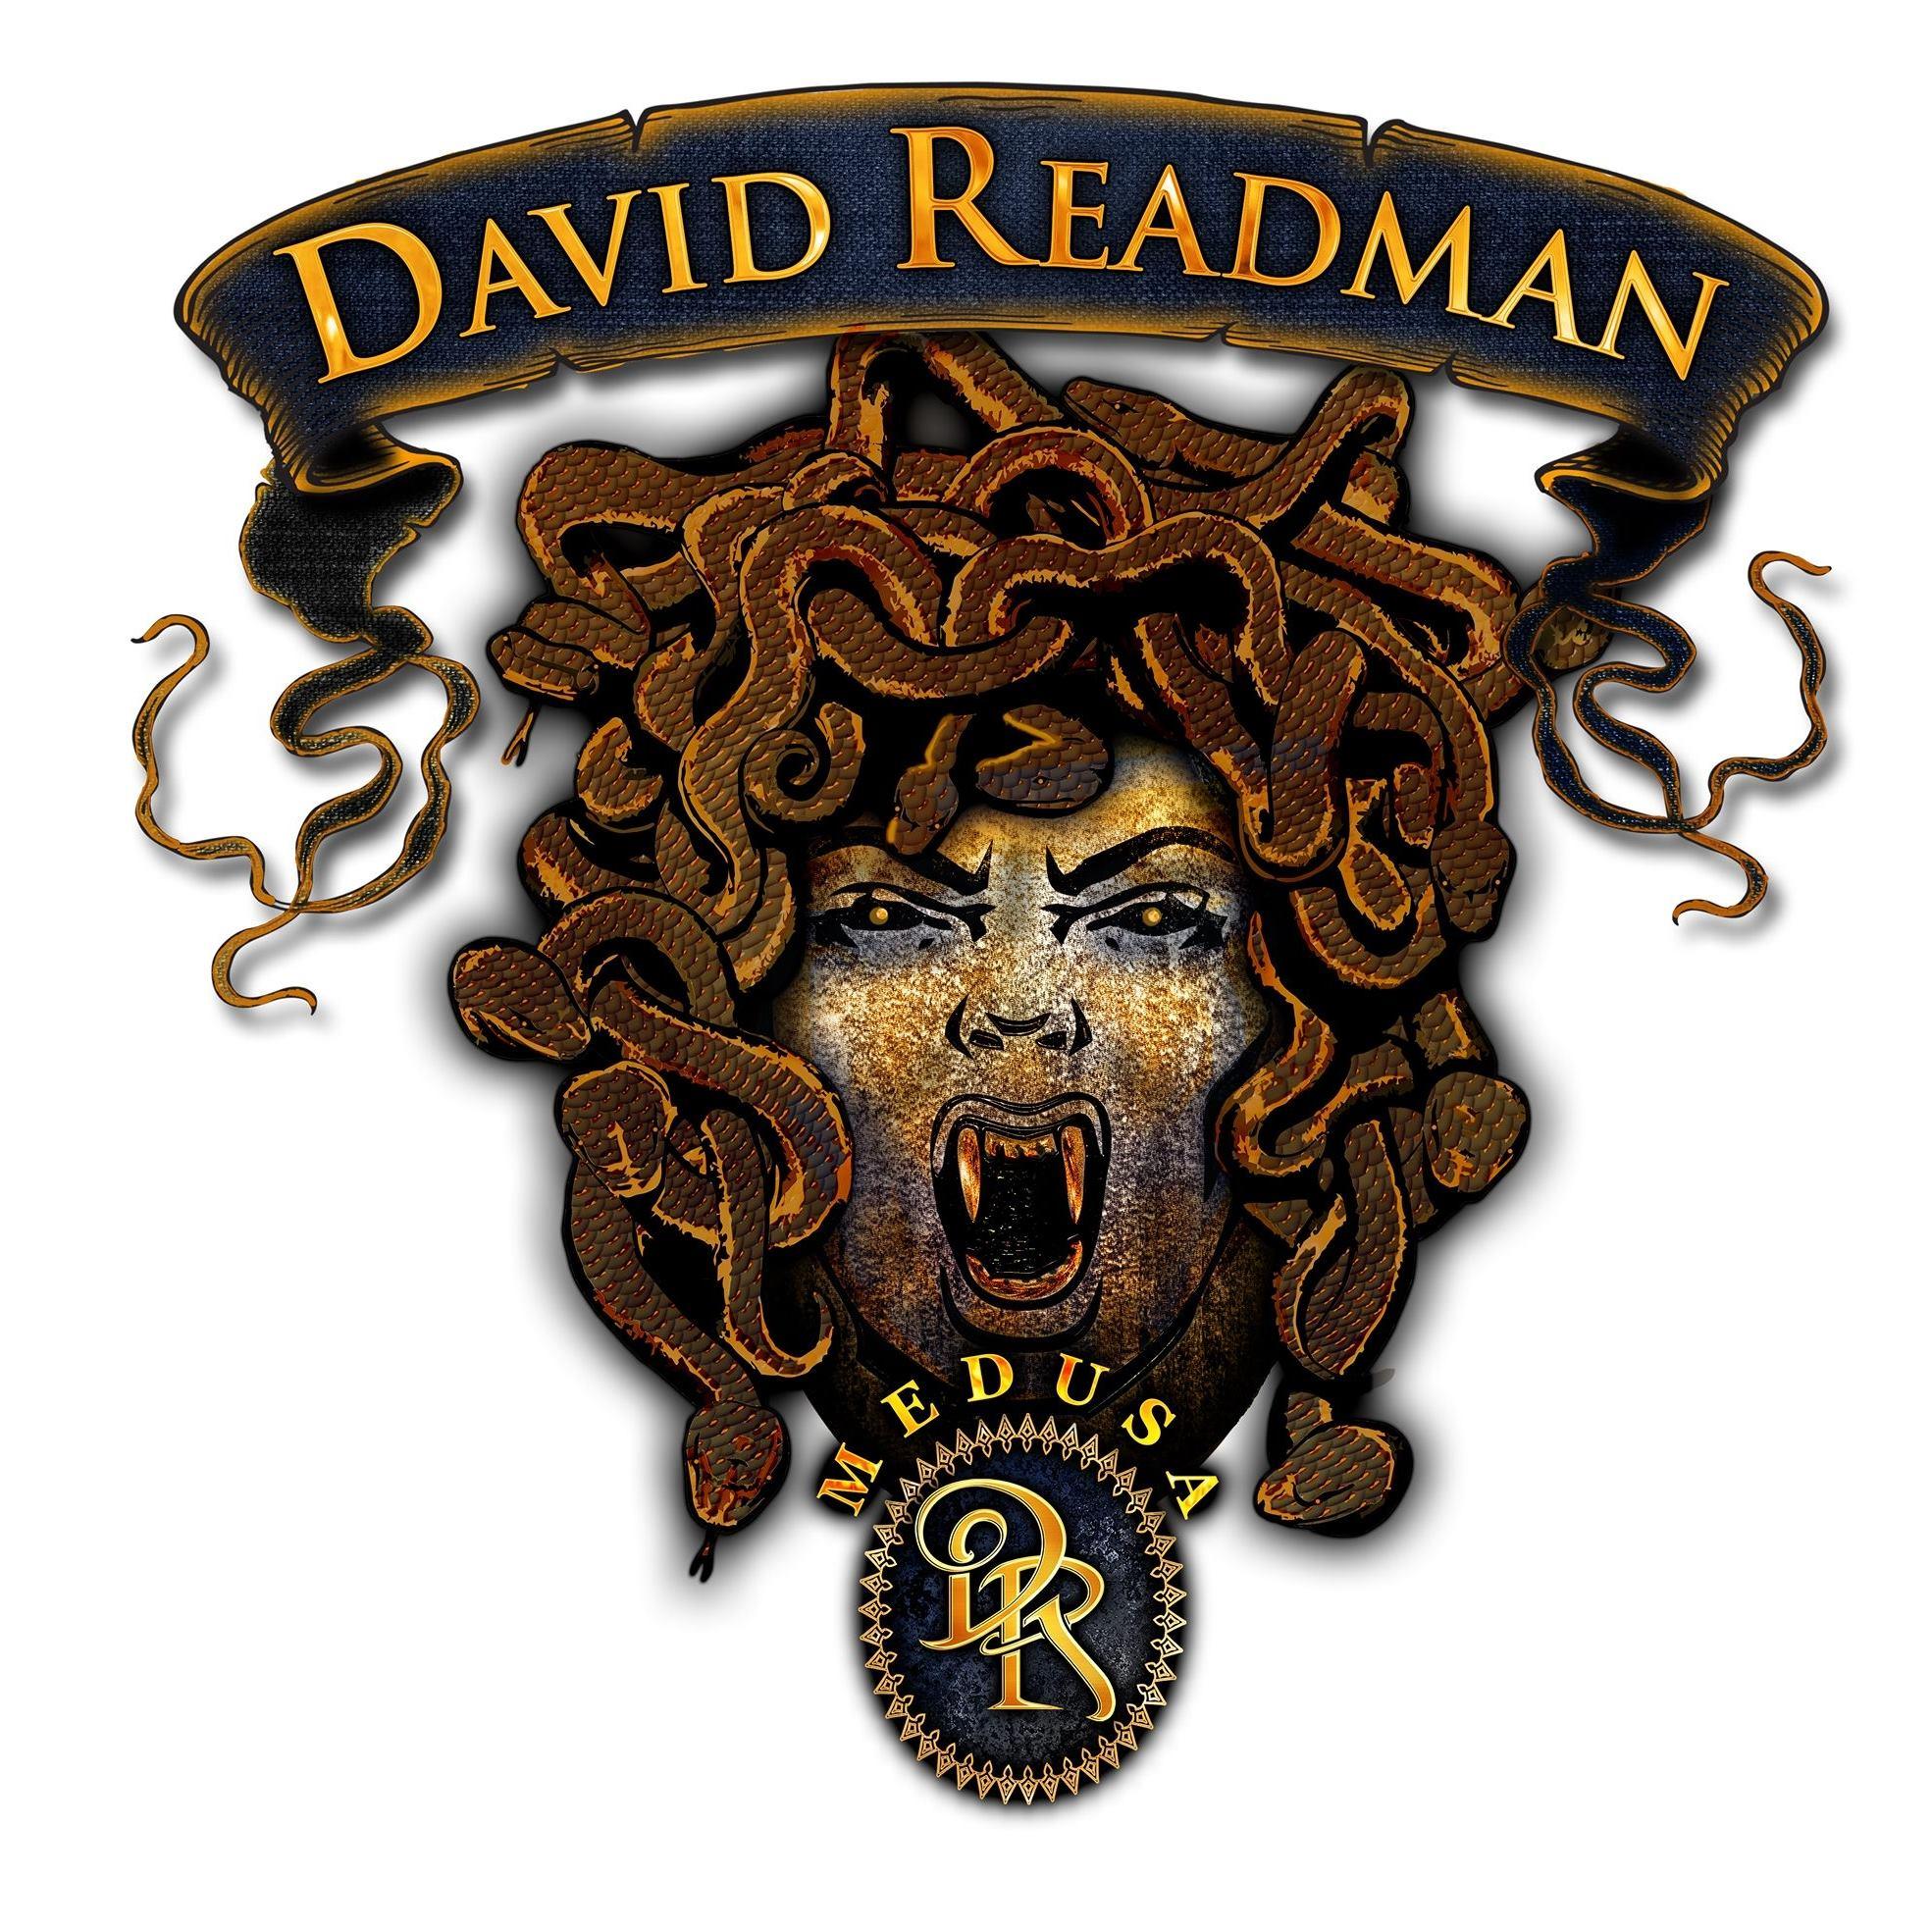 DAVID-READMAN-medusa